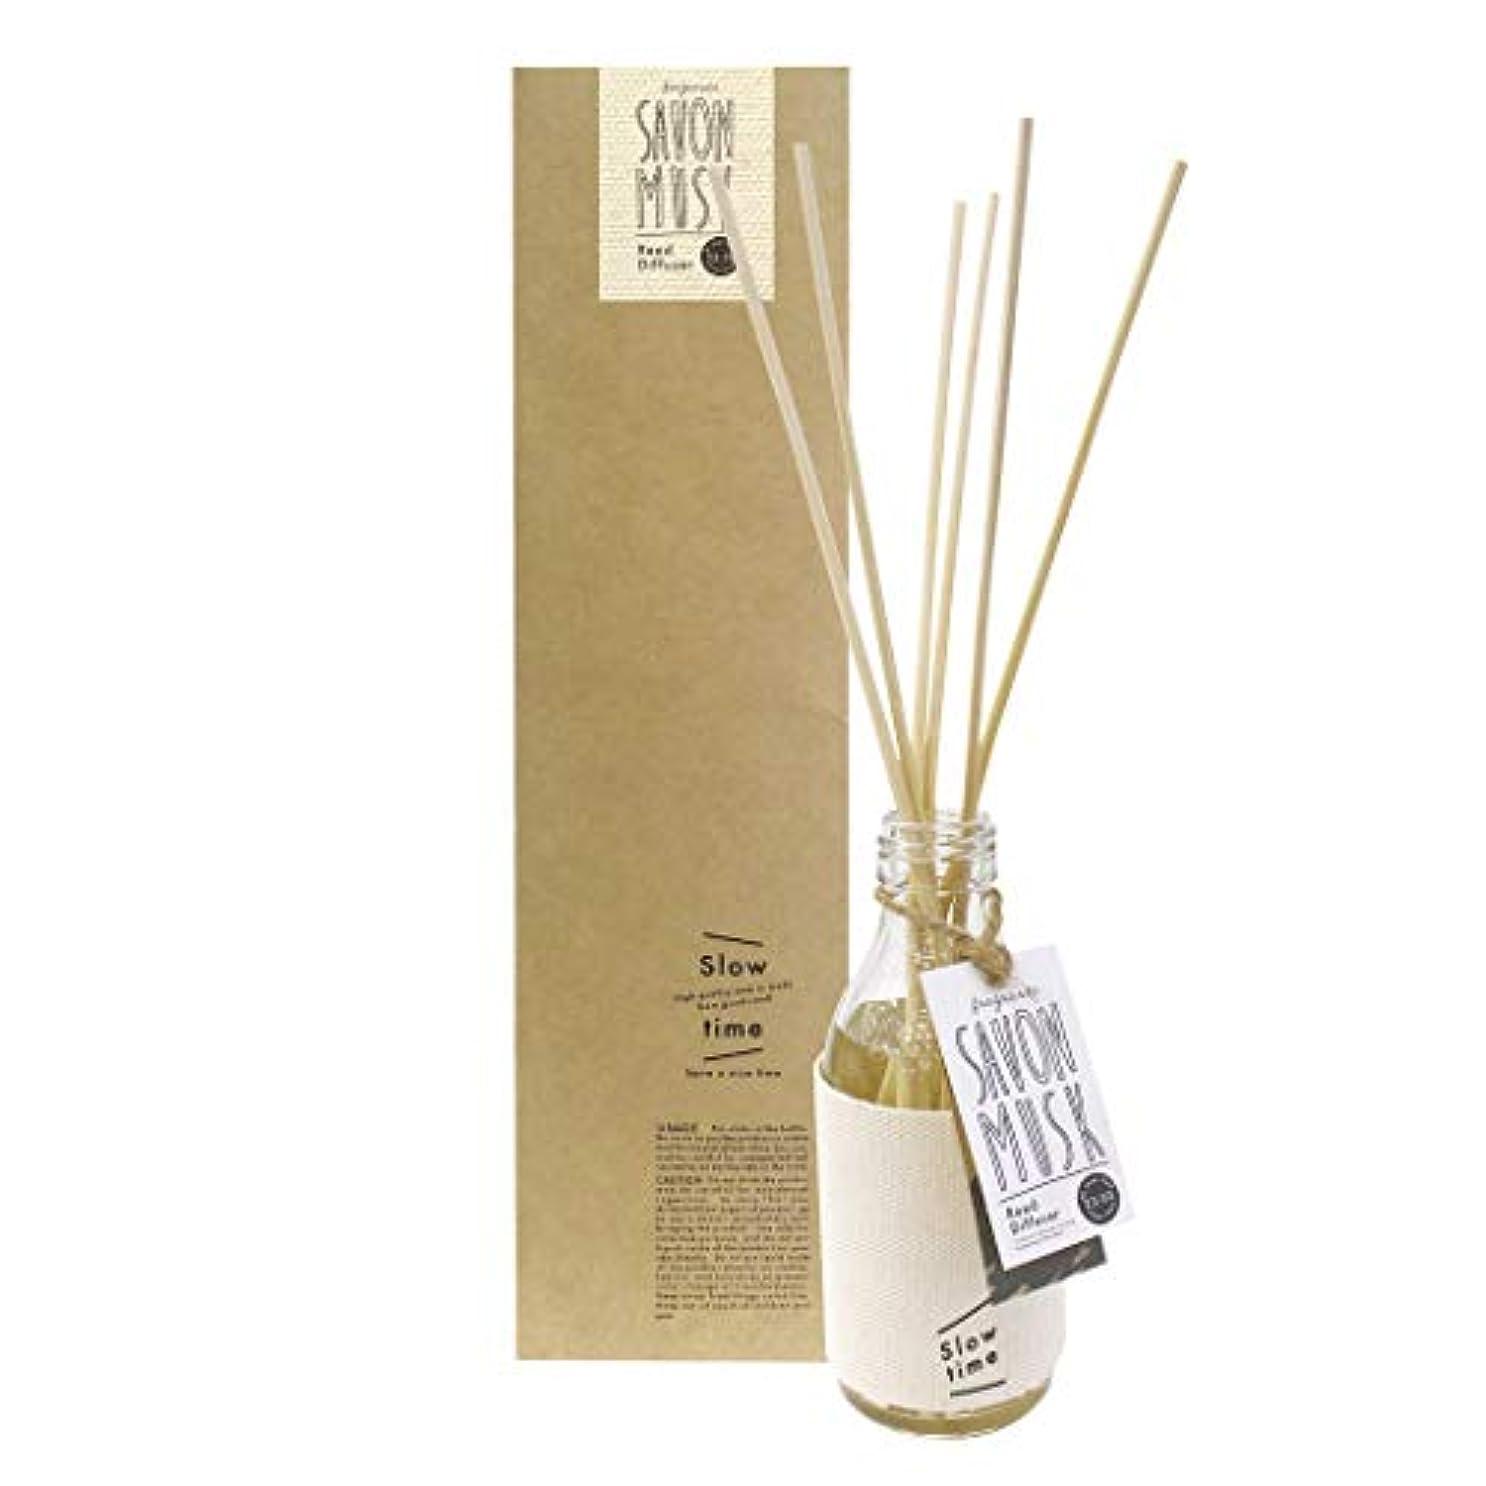 完全に乾く更新情熱的ノルコーポレーション リードディフューザー スロータイム サボンムスク ムスクの香り 150ml SWT-1-03